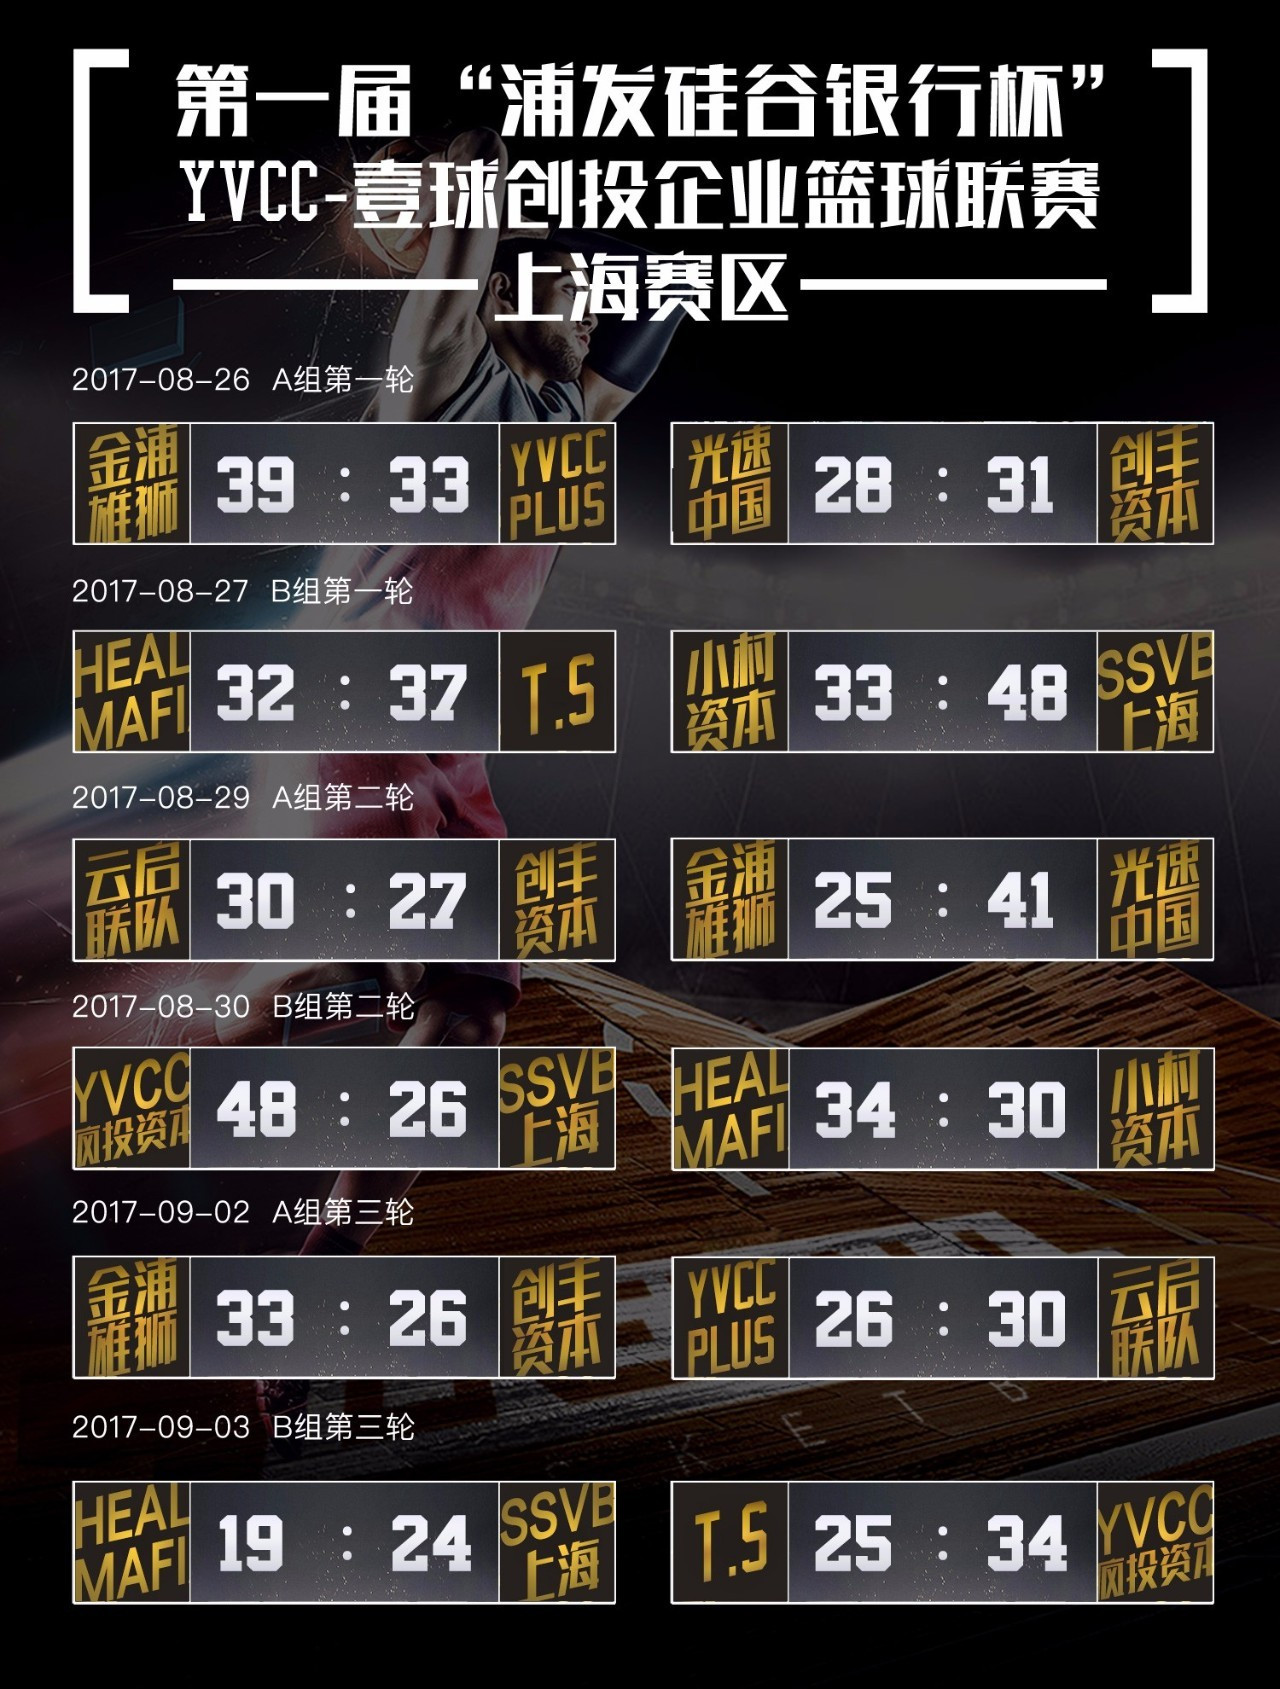 创投联赛上海站四强产生:YVCC疯投资本4战全胜战绩领跑